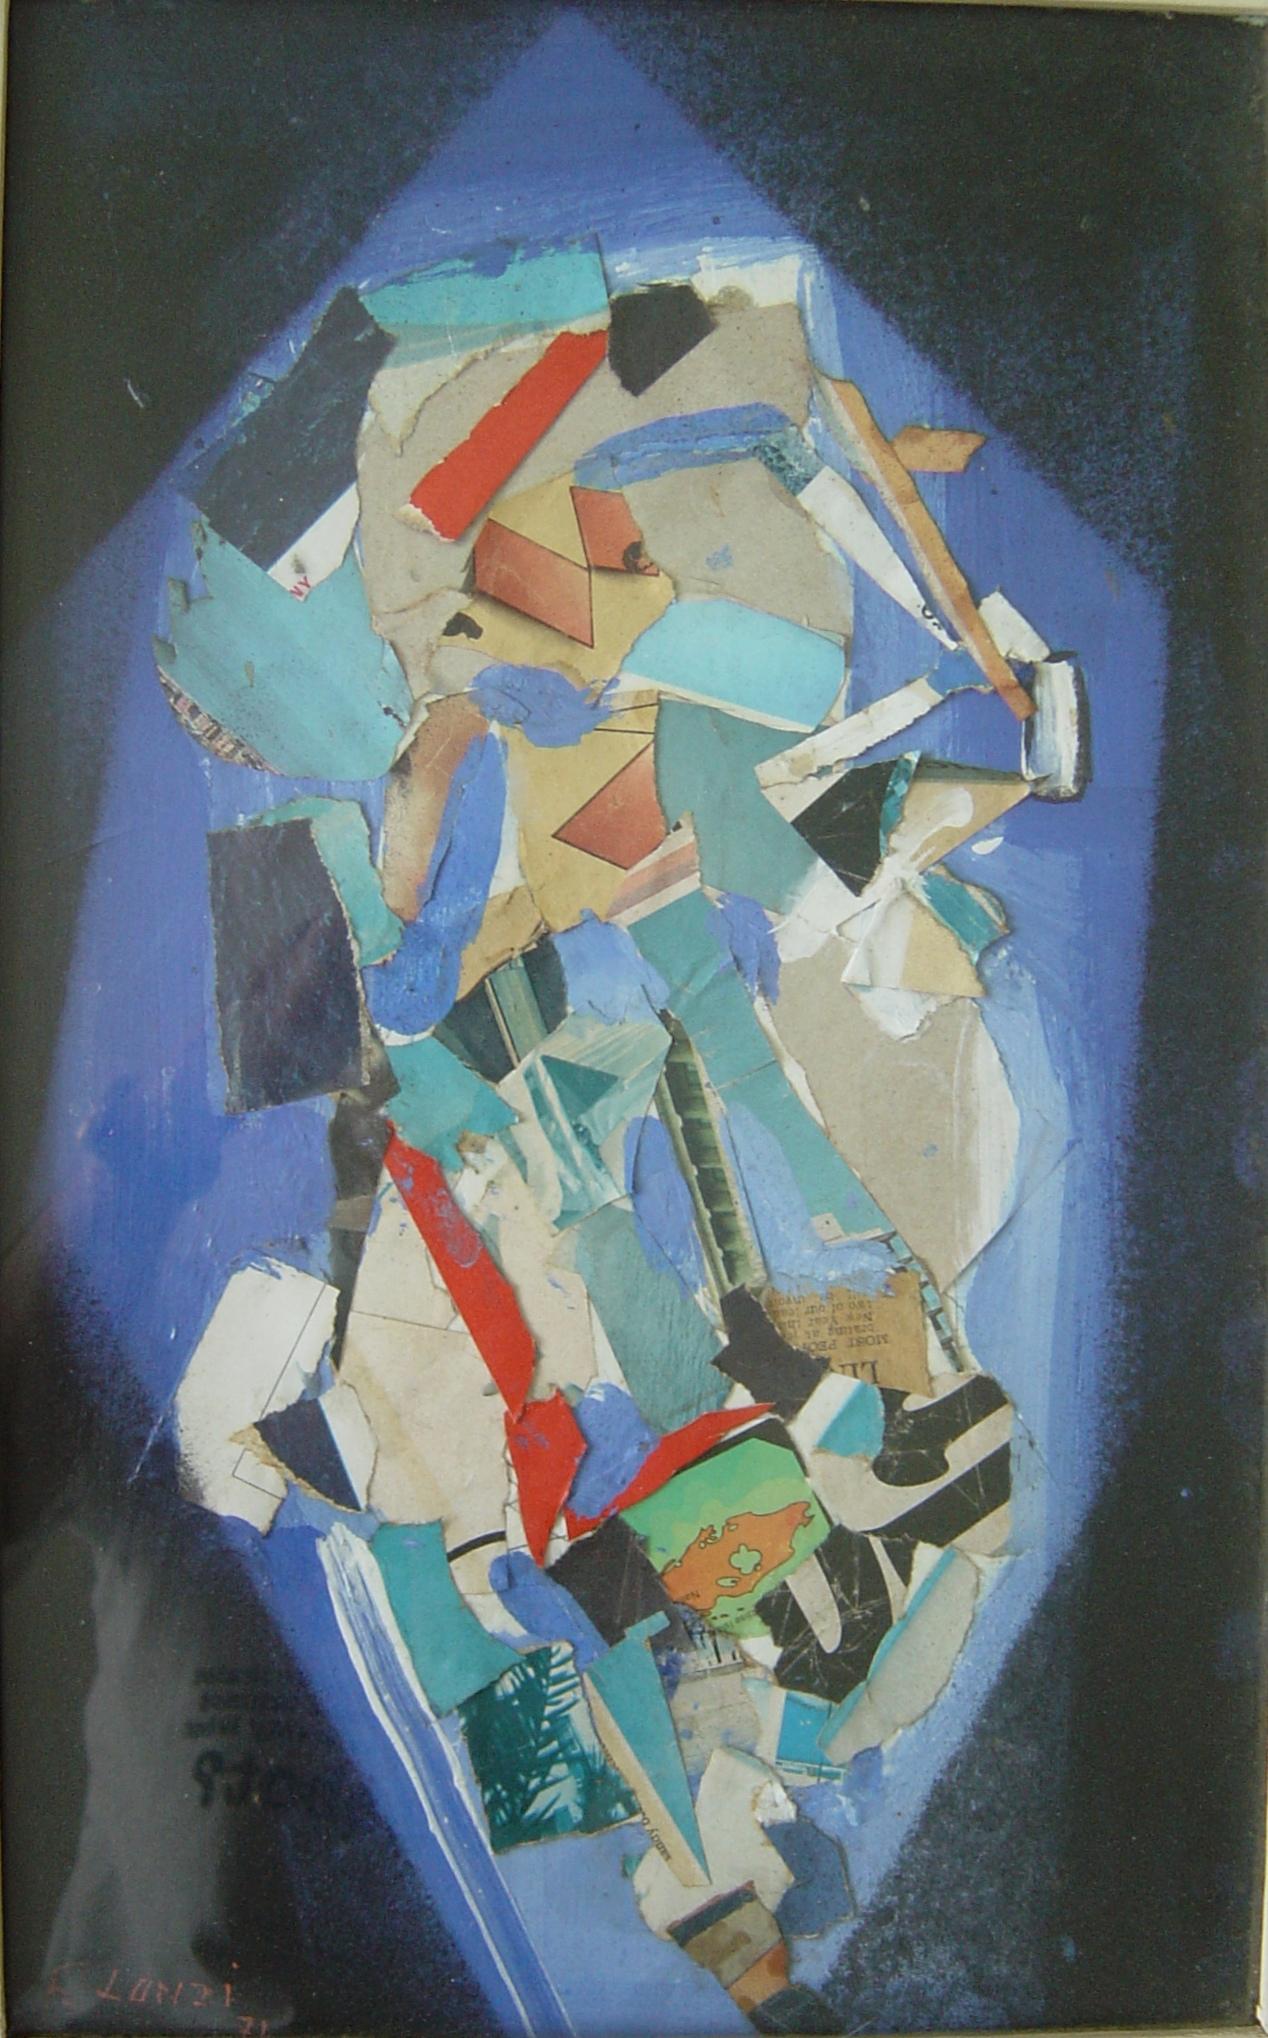 Francois Lanzi - Into the Blue